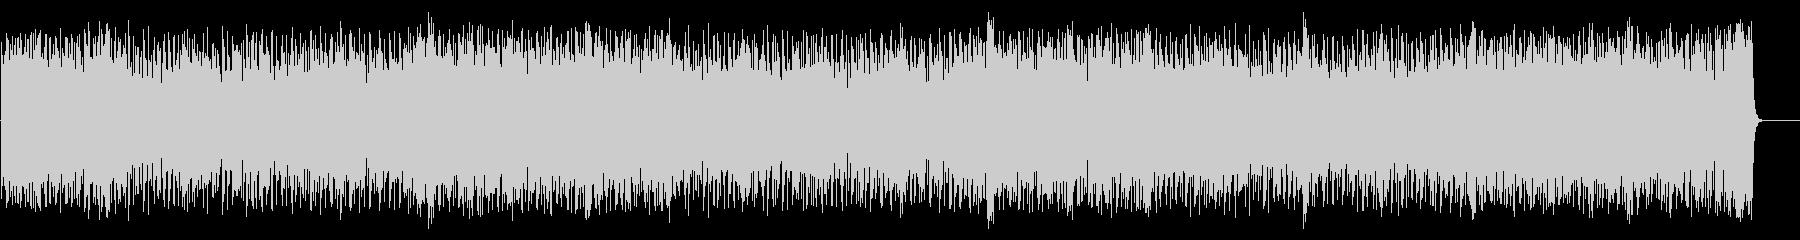 元気ハツラツOPポップス(フルサイズ)の未再生の波形